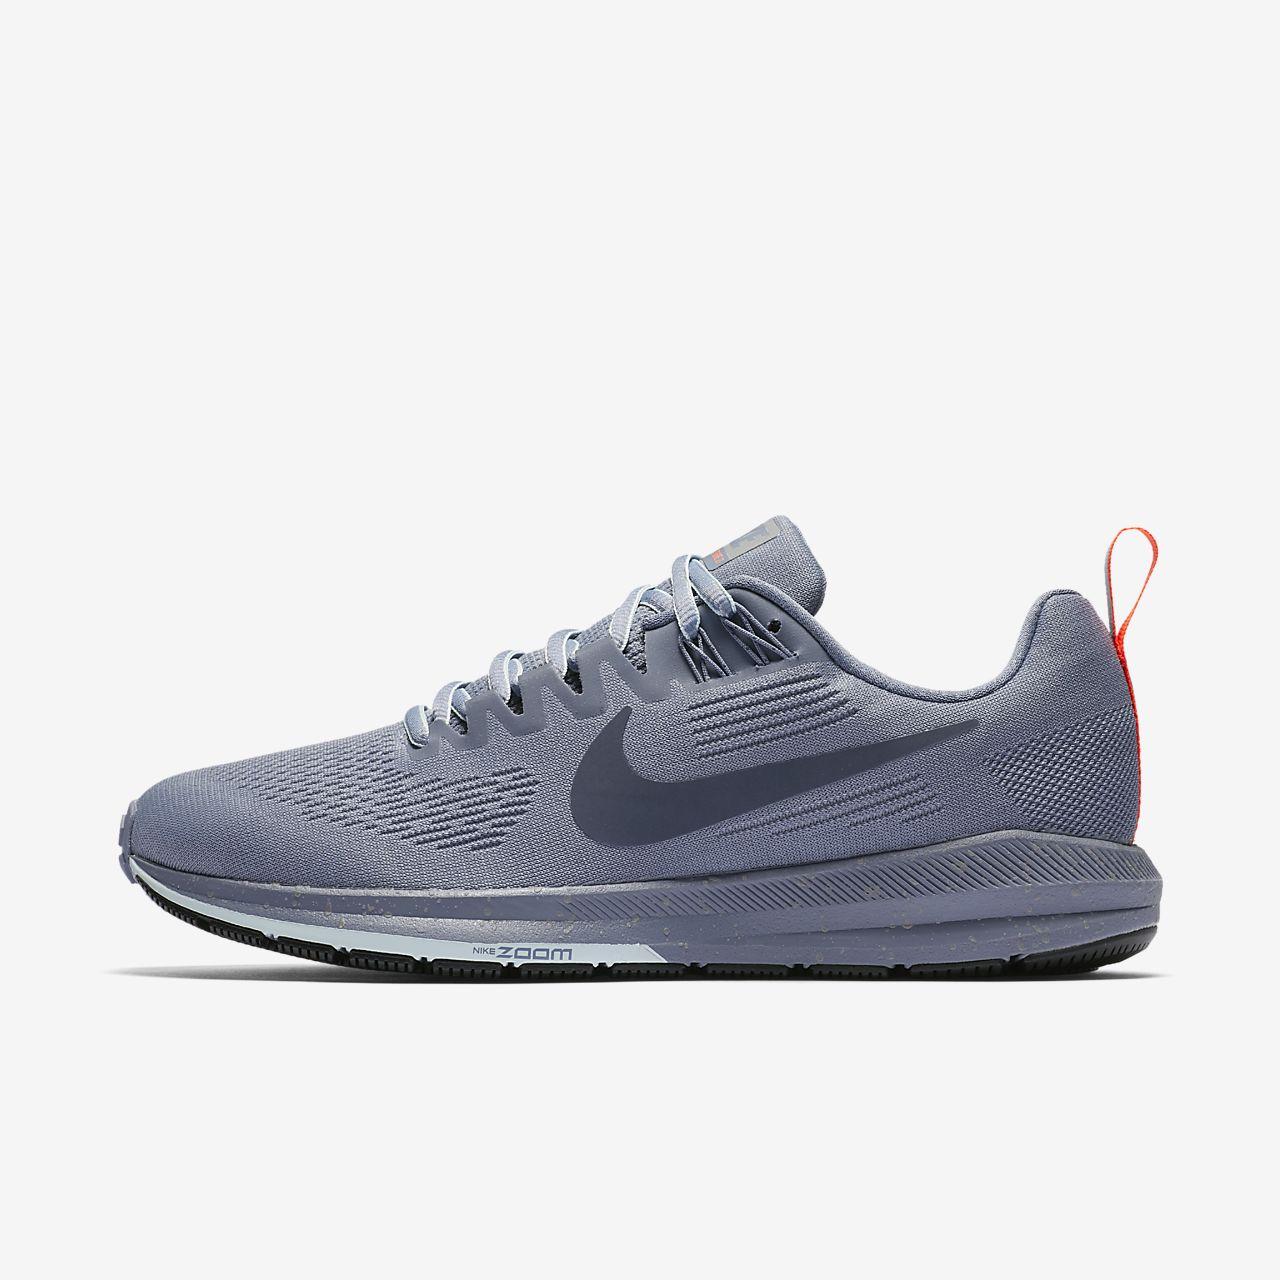 Nike Chaussures De Course Structure Zoom Air 21 - Femmes Noires / Grises oEO1goevf